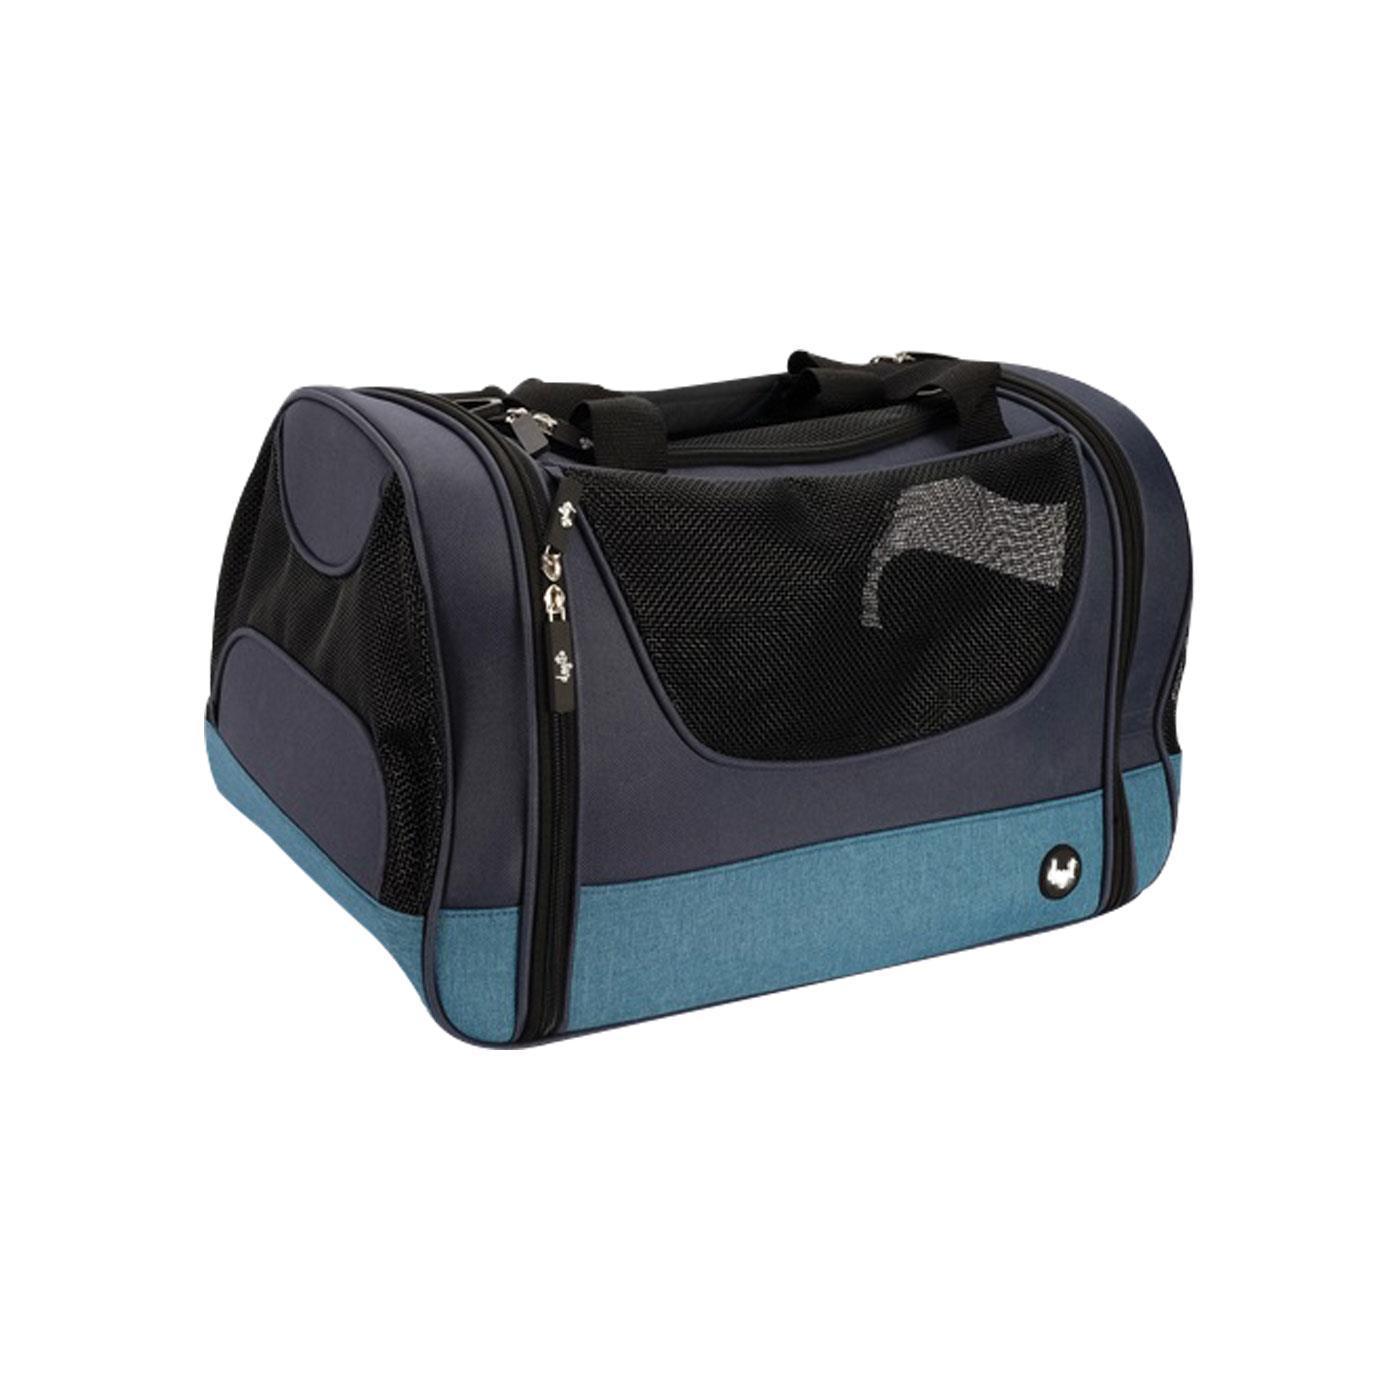 Dogit Explorer Soft Tote Bag Dog Carrier, Blue Image